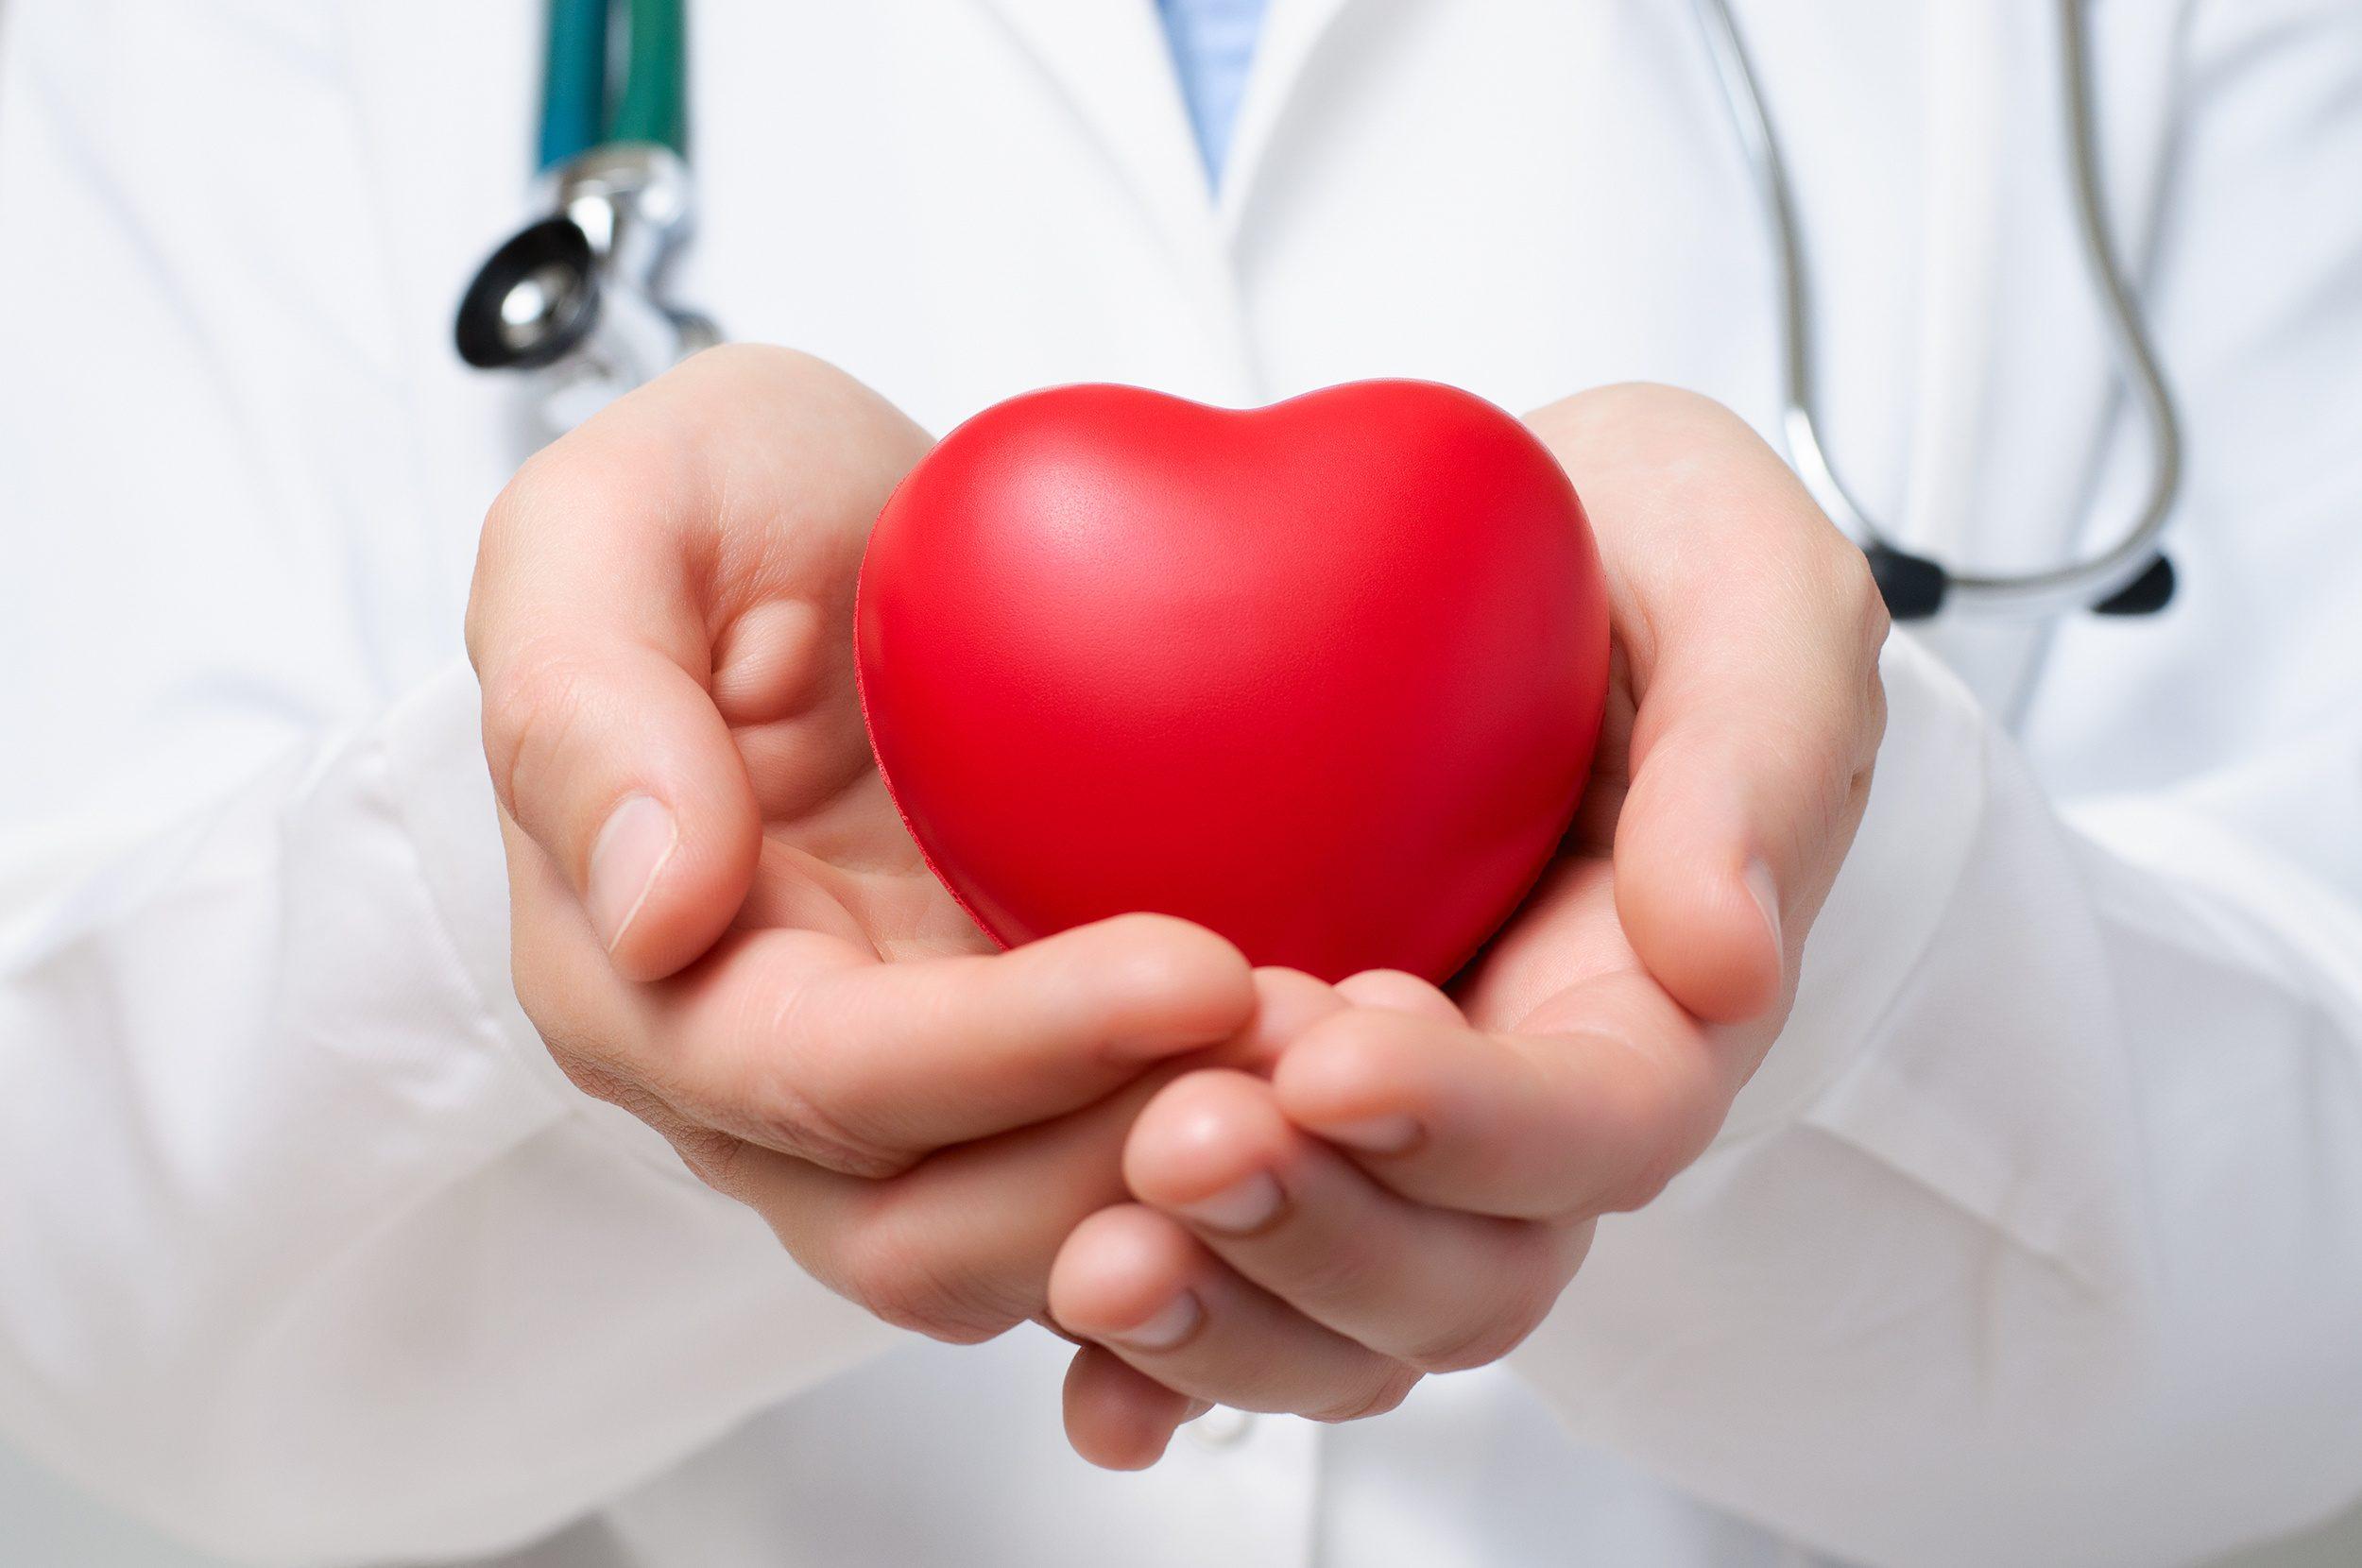 Les effets bénéfiques de l'huile de krill sur le cœur